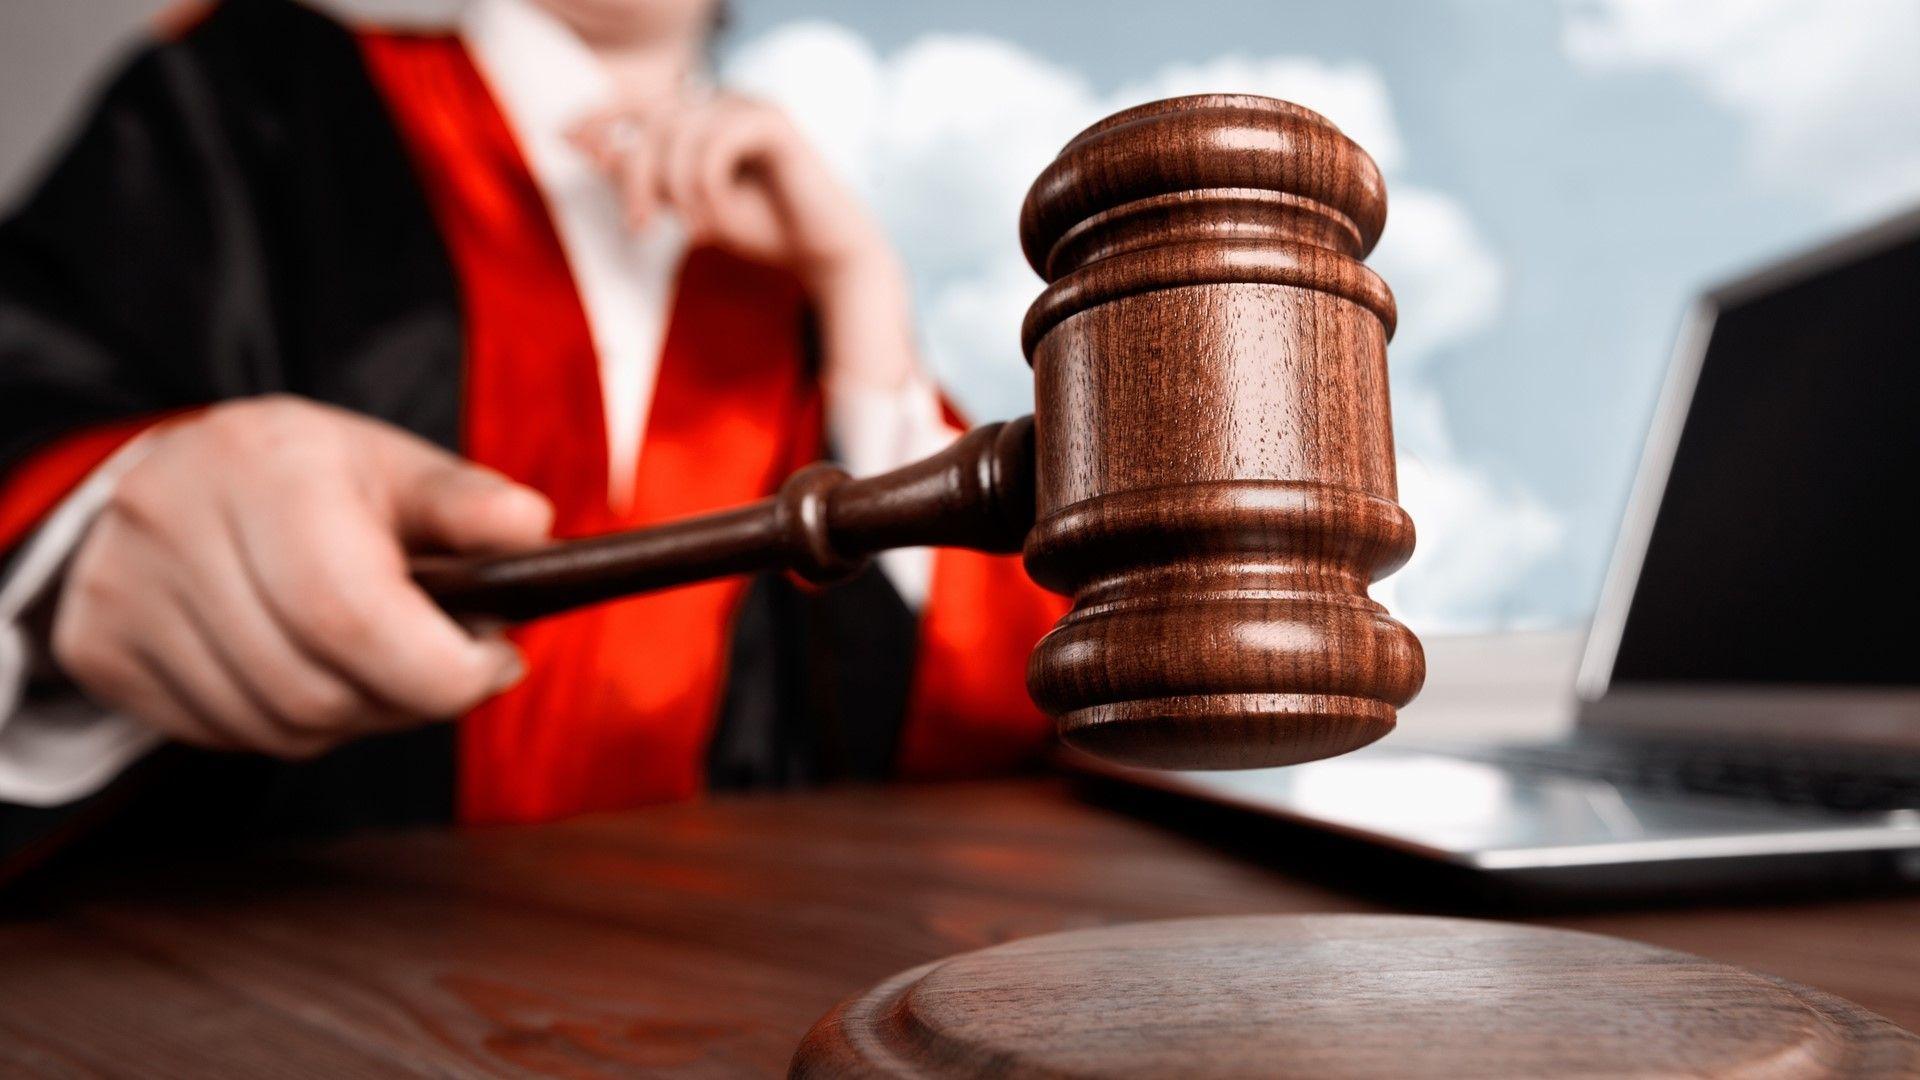 Съдят социална работничка за измама в дом за незрящи хора